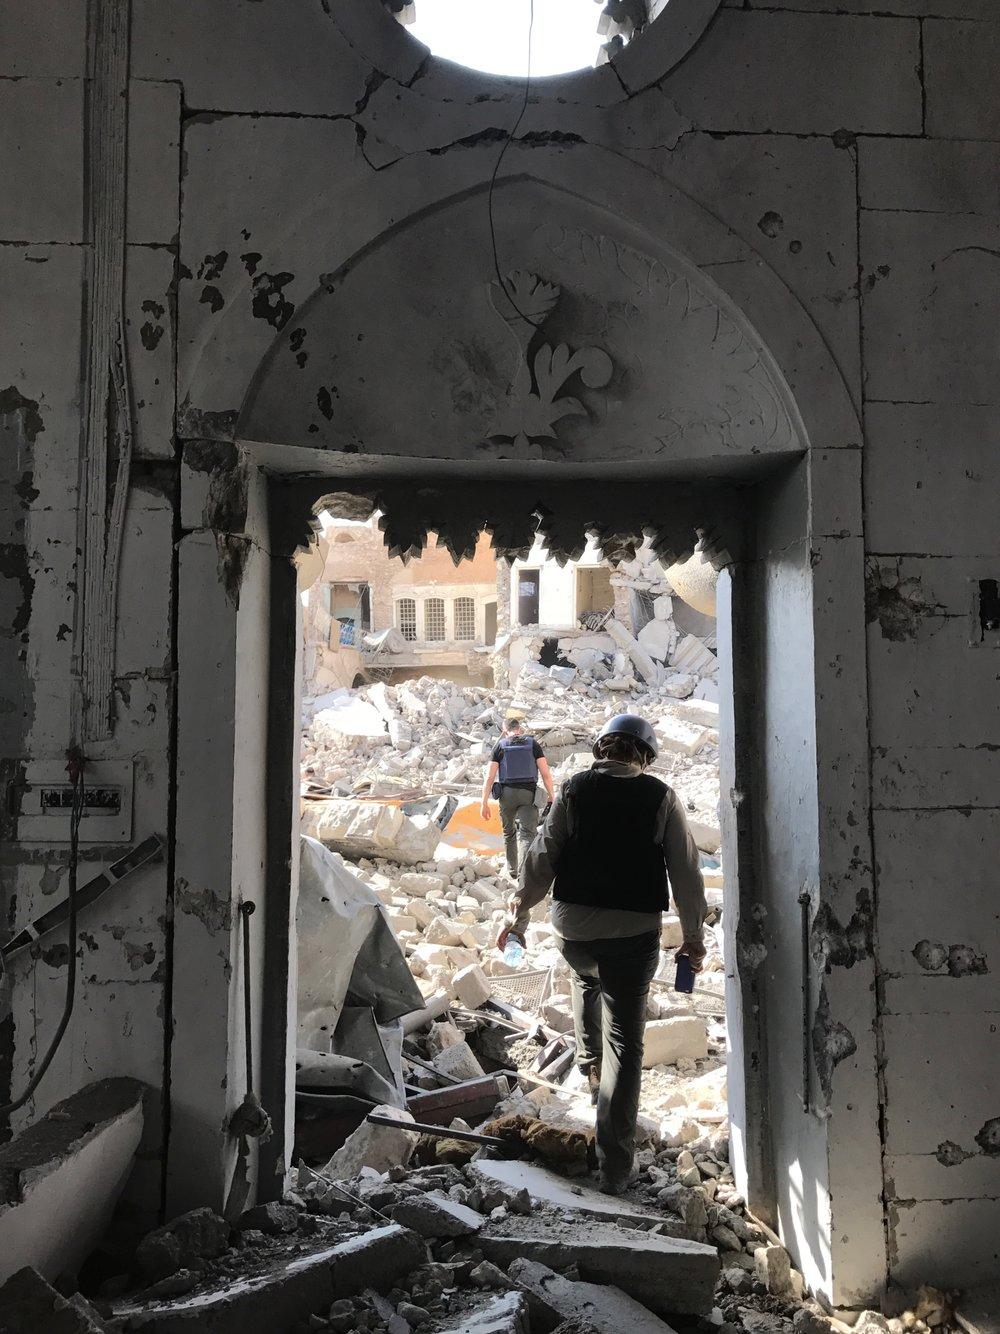 Rukmini--Mosul, Iraq; July, 2017